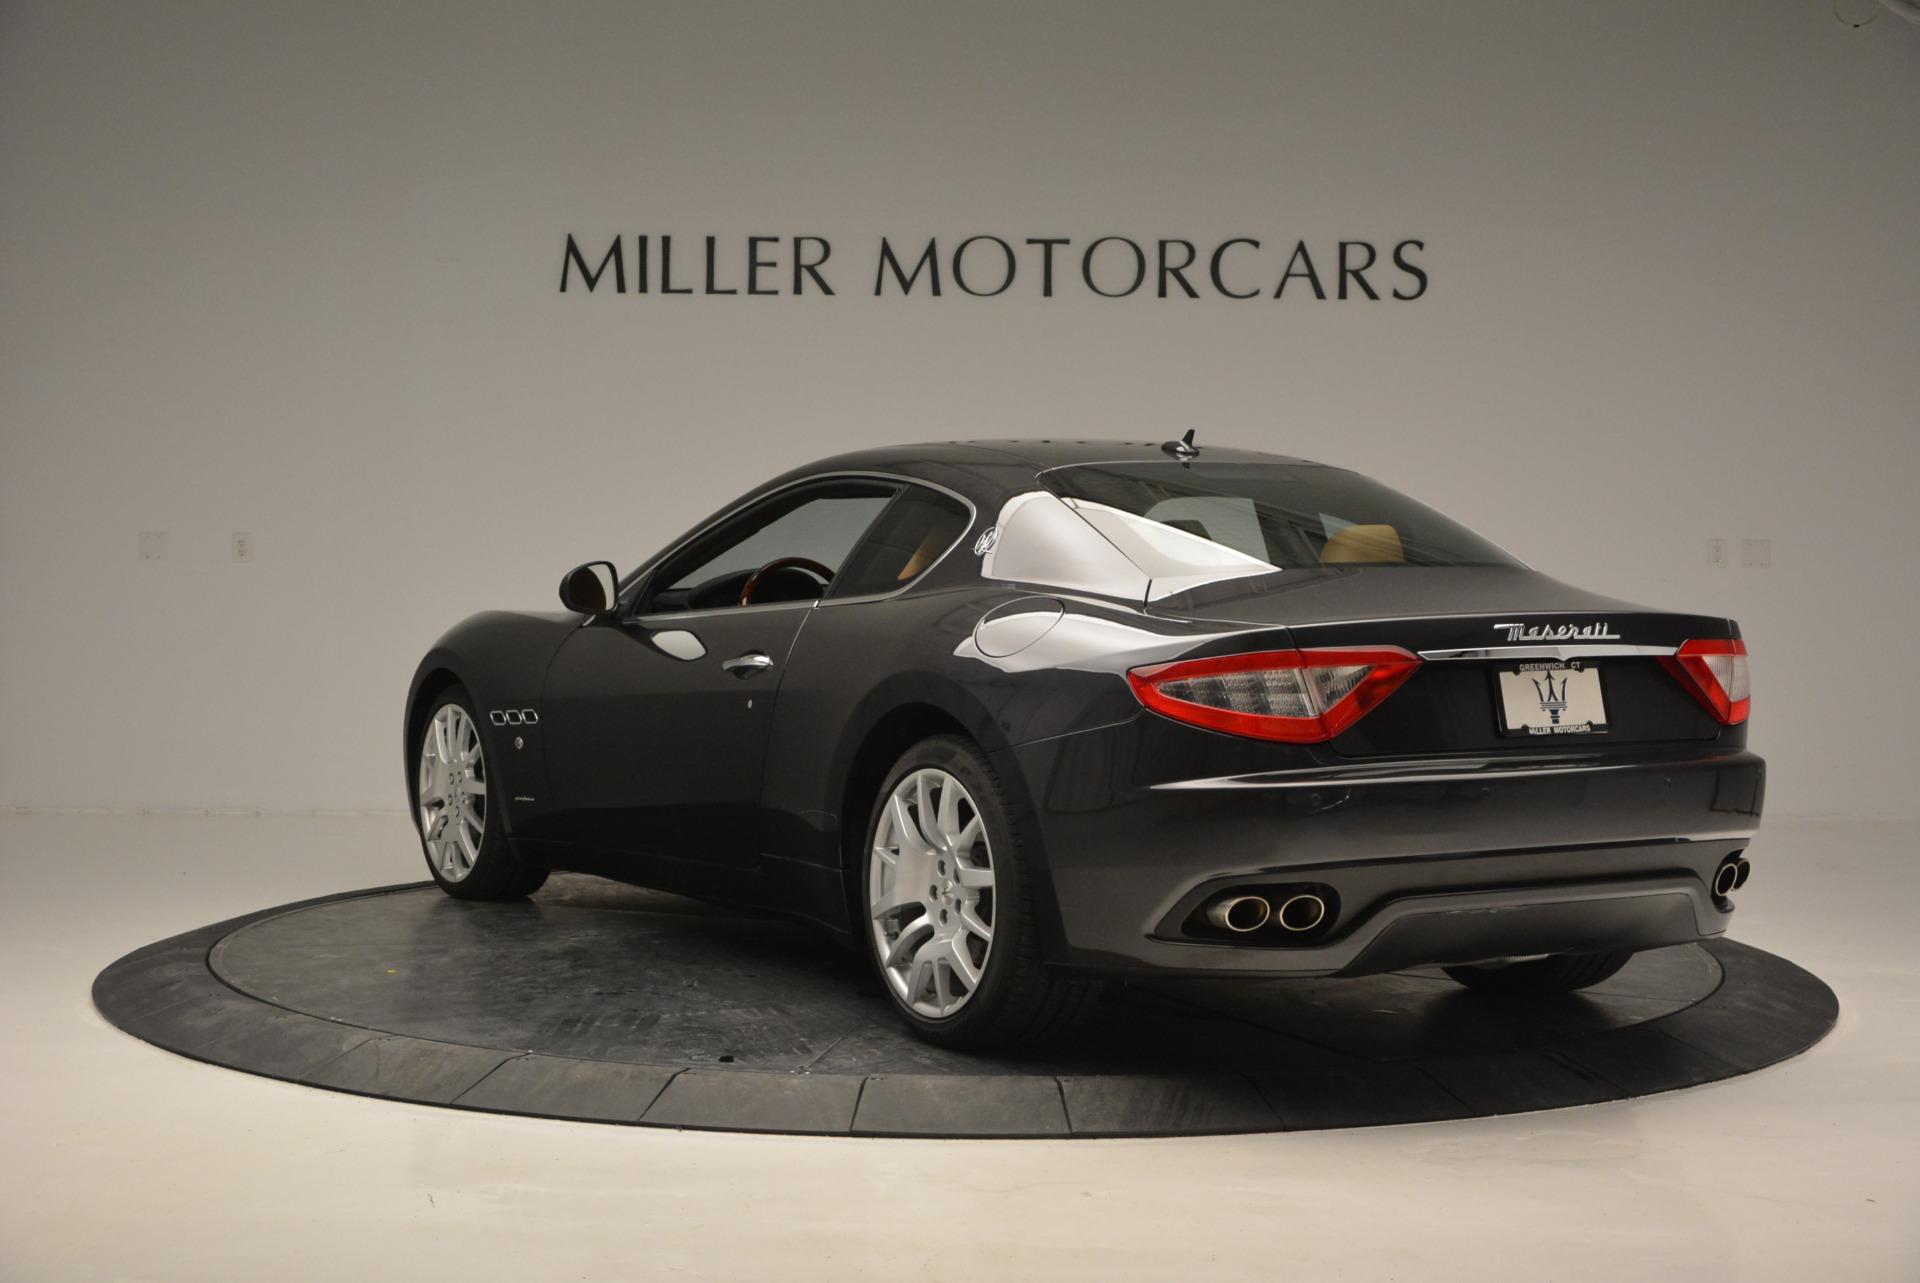 Used 2011 Maserati GranTurismo  For Sale In Greenwich, CT. Alfa Romeo of Greenwich, 7128 816_p5